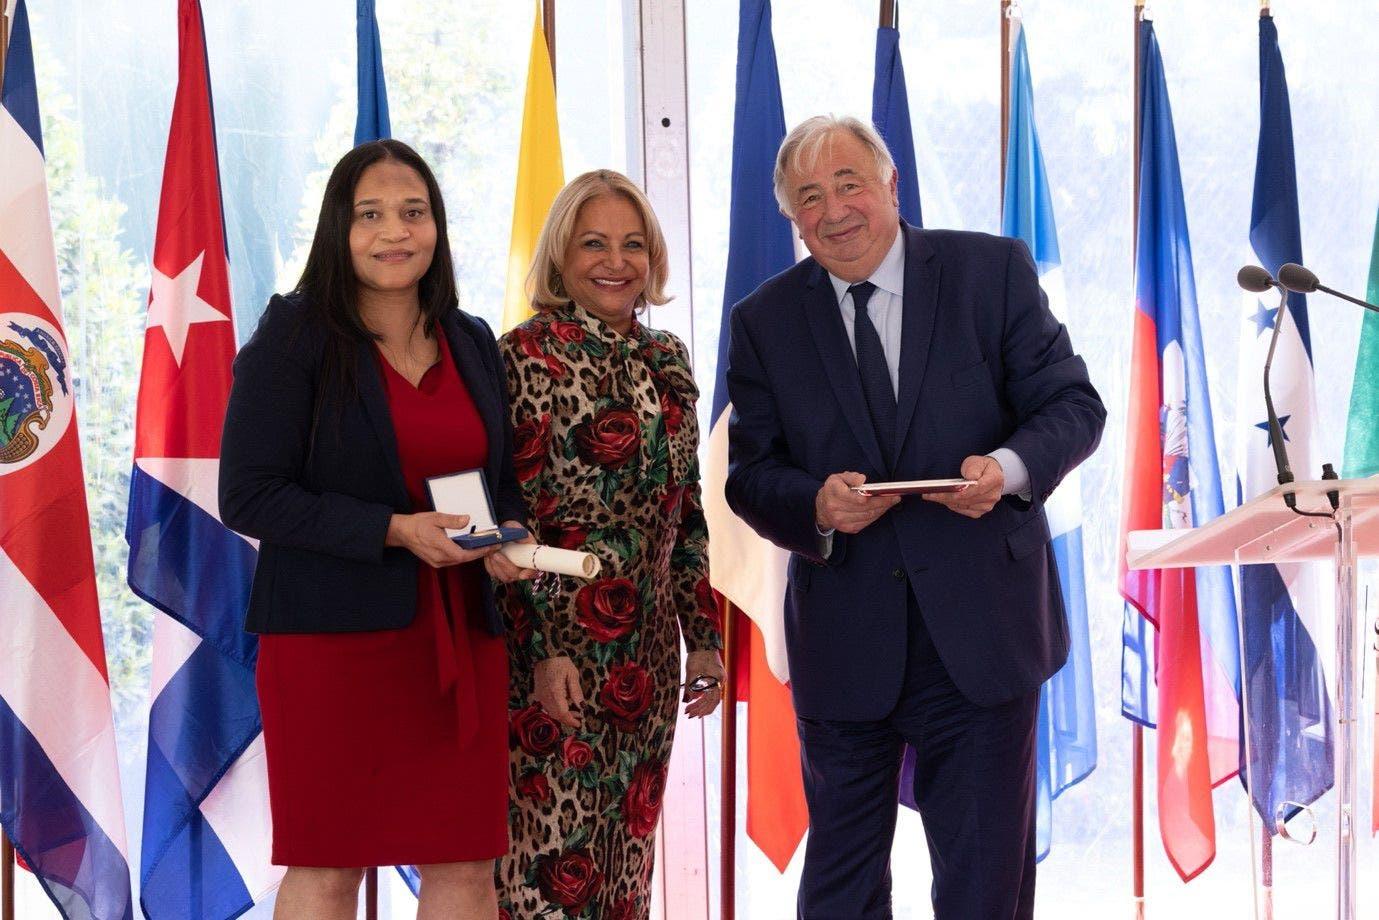 Francia otorga la Medalla del Senado a la doctora dominicana Raquel Mercedes